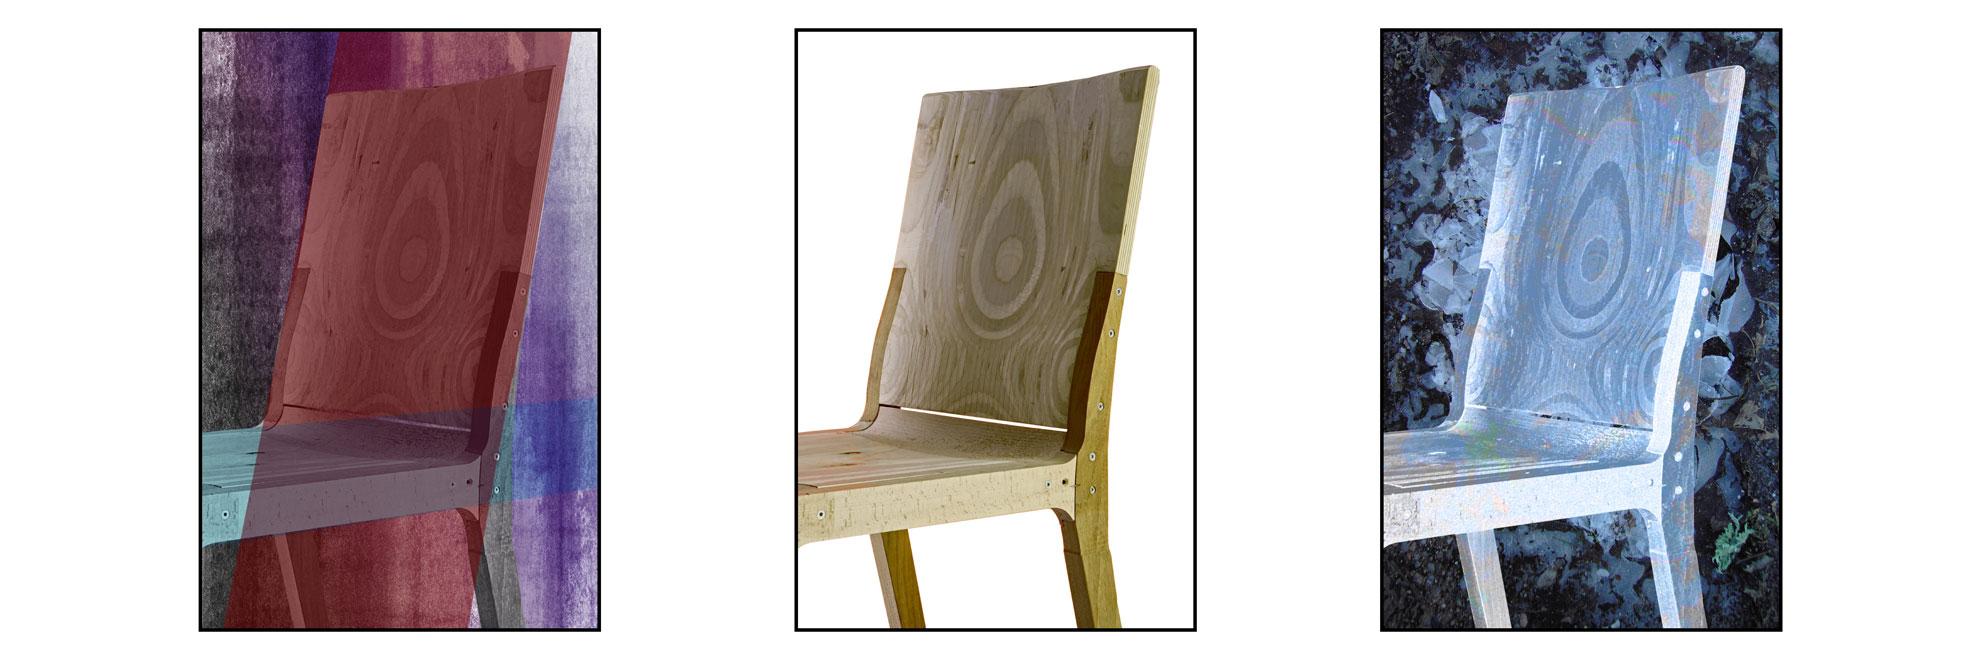 sedie-capozucca